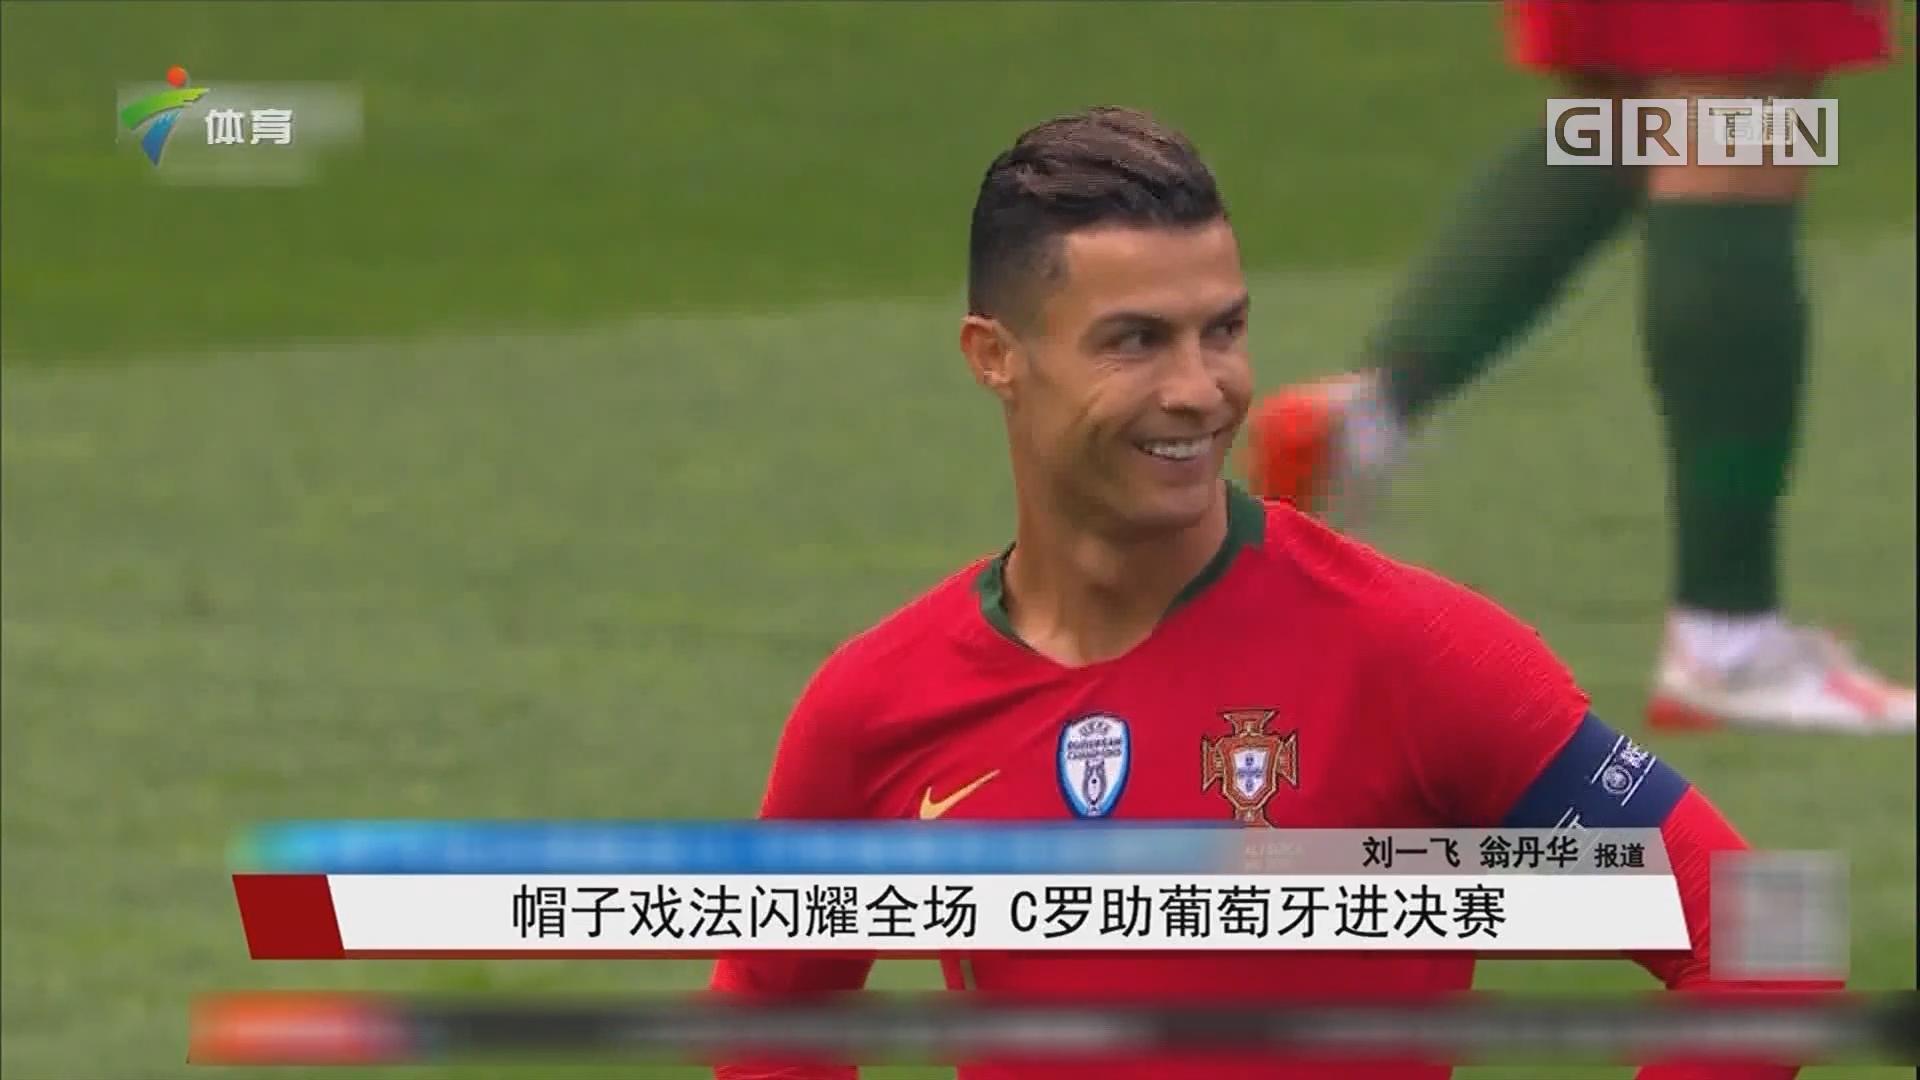 帽子戏法闪耀全场 C罗助葡萄牙进决赛